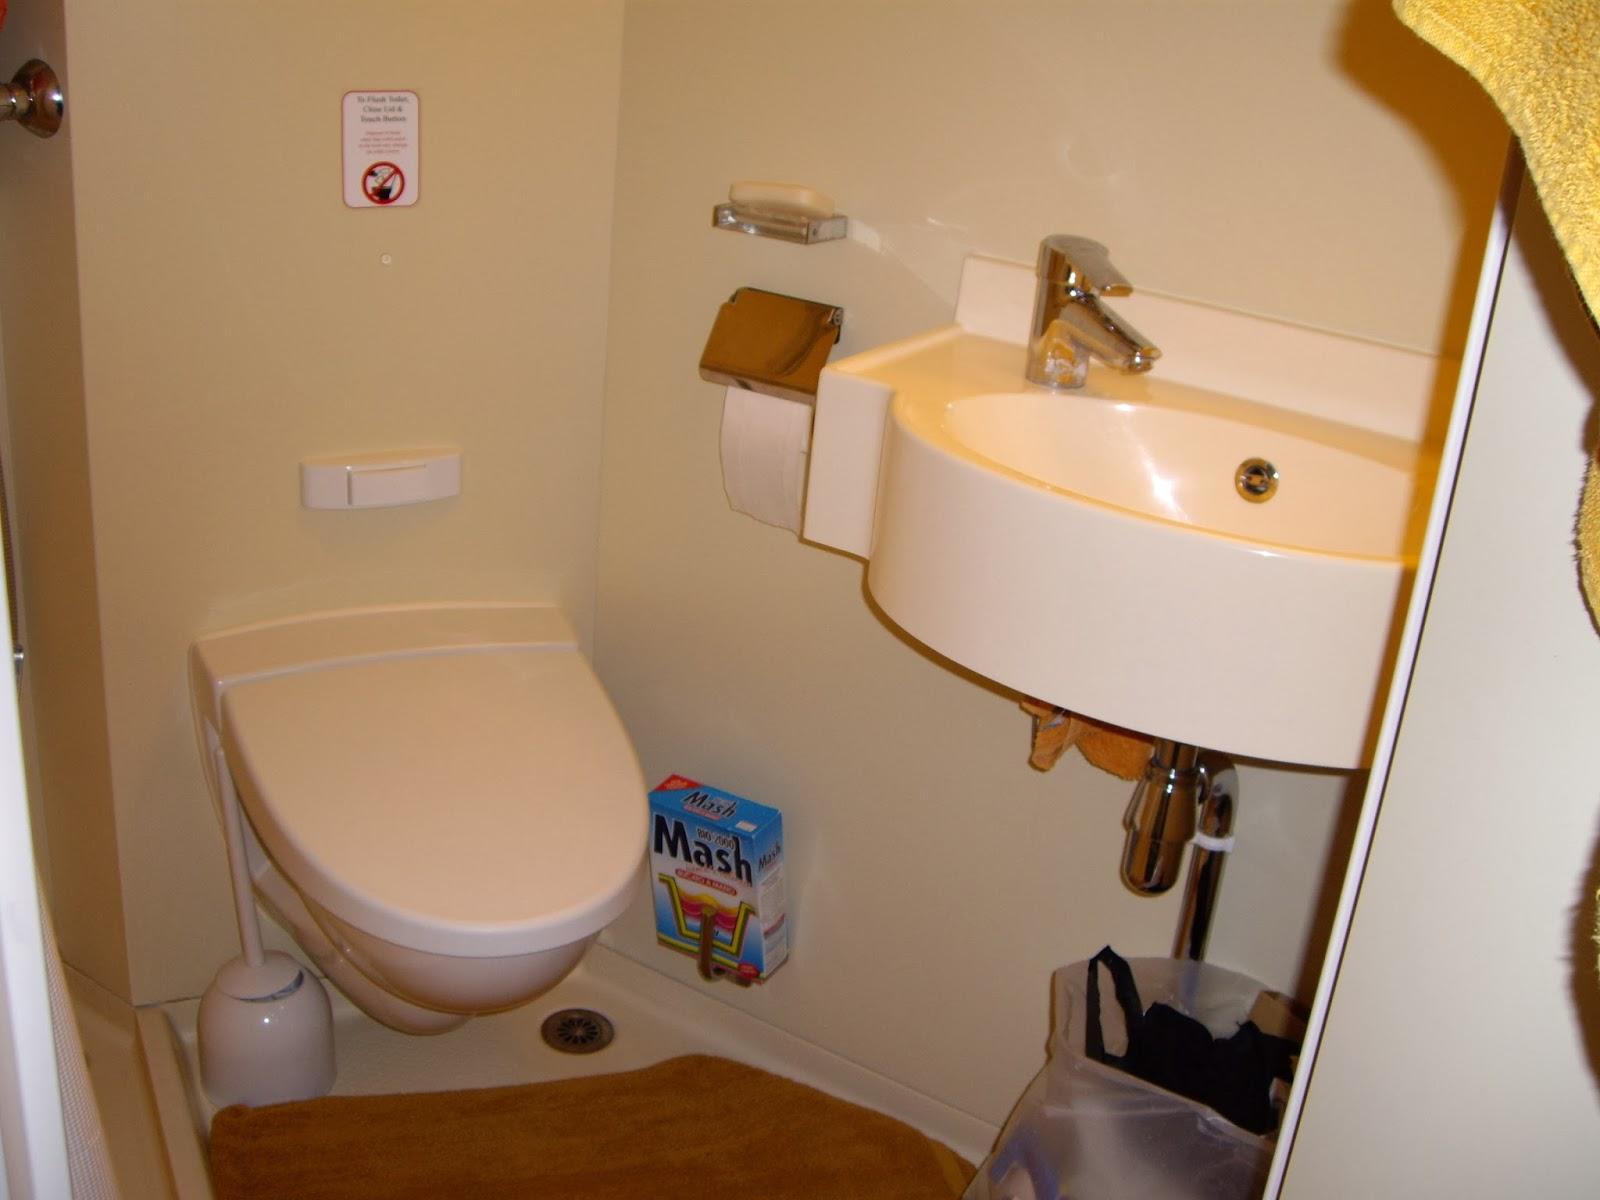 cama de cima a não ser que o companheiro de quarto escolha a cama de  #B0851B 1600x1200 Balança De Banheiro Qual A Melhor